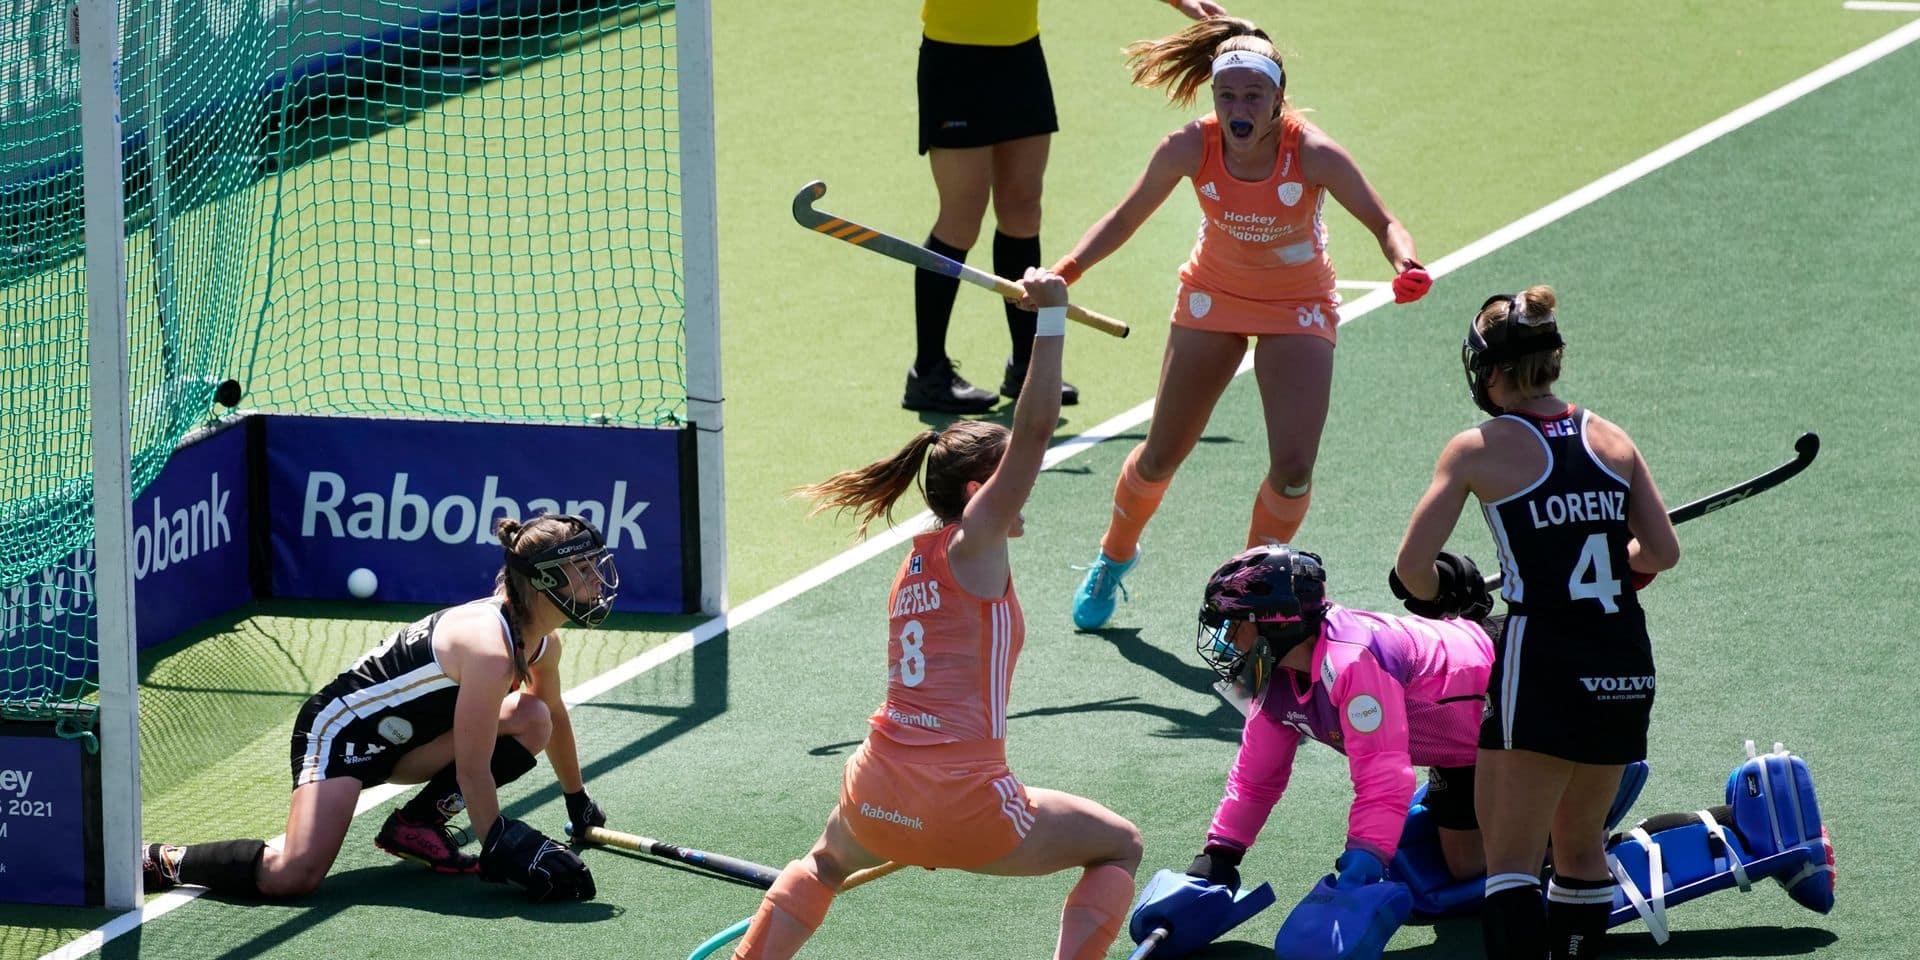 Euro de hockey: 11e titre continental féminin pour les Pays-Bas, vainqueurs 2-0 de l'Allemagne en finale